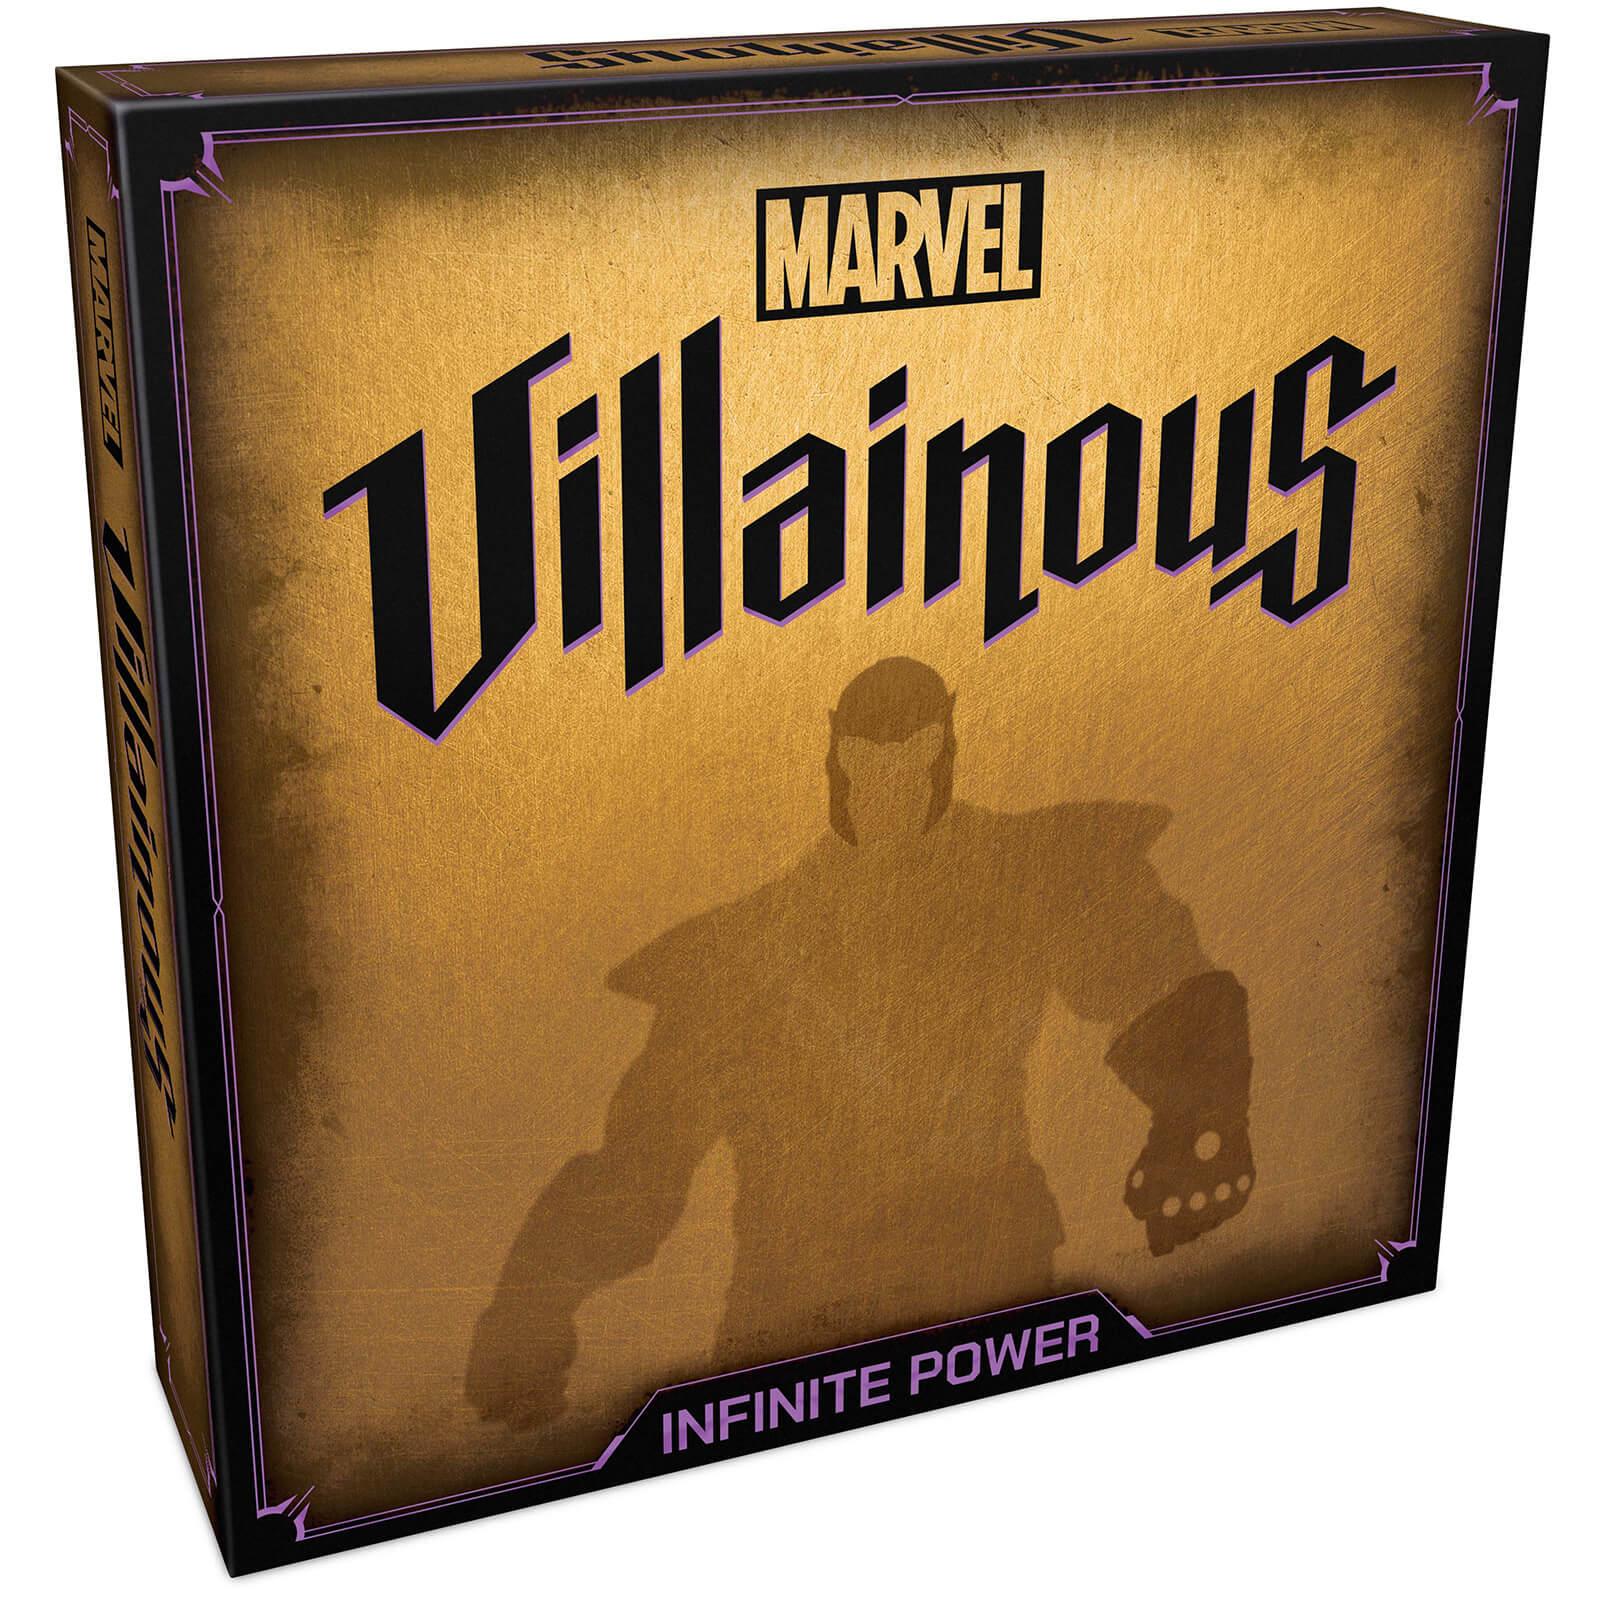 Image of Marvel Villainous Infinite Power Board Game